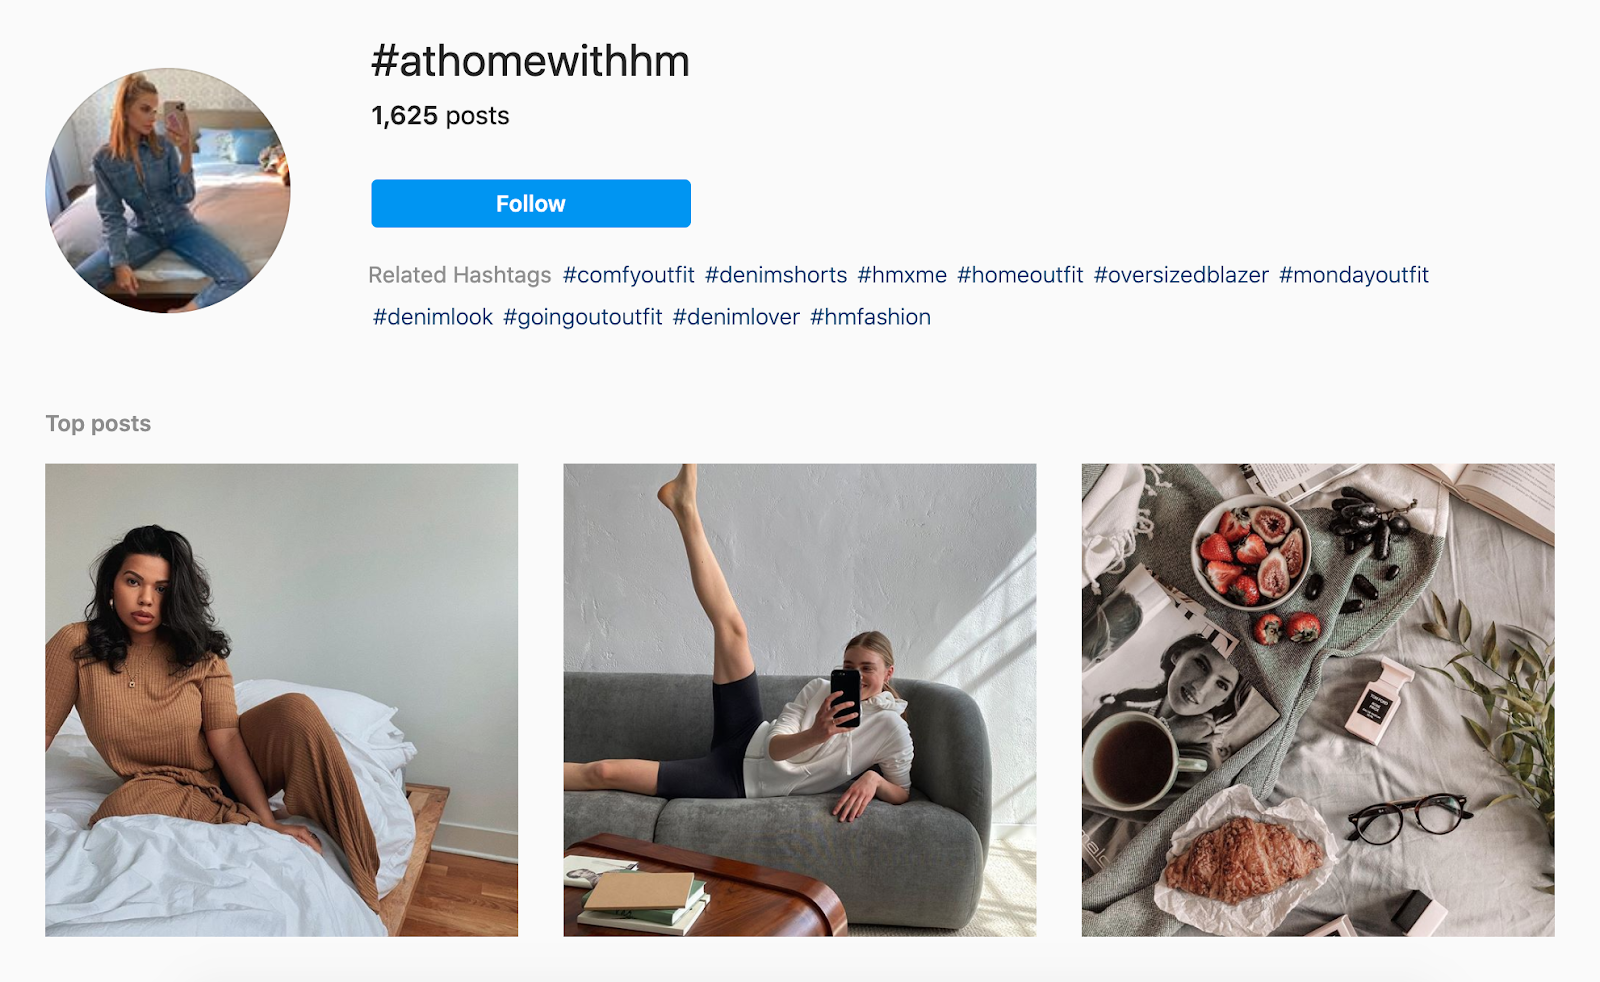 hashtag #AtHomeWithHM sur Instagram